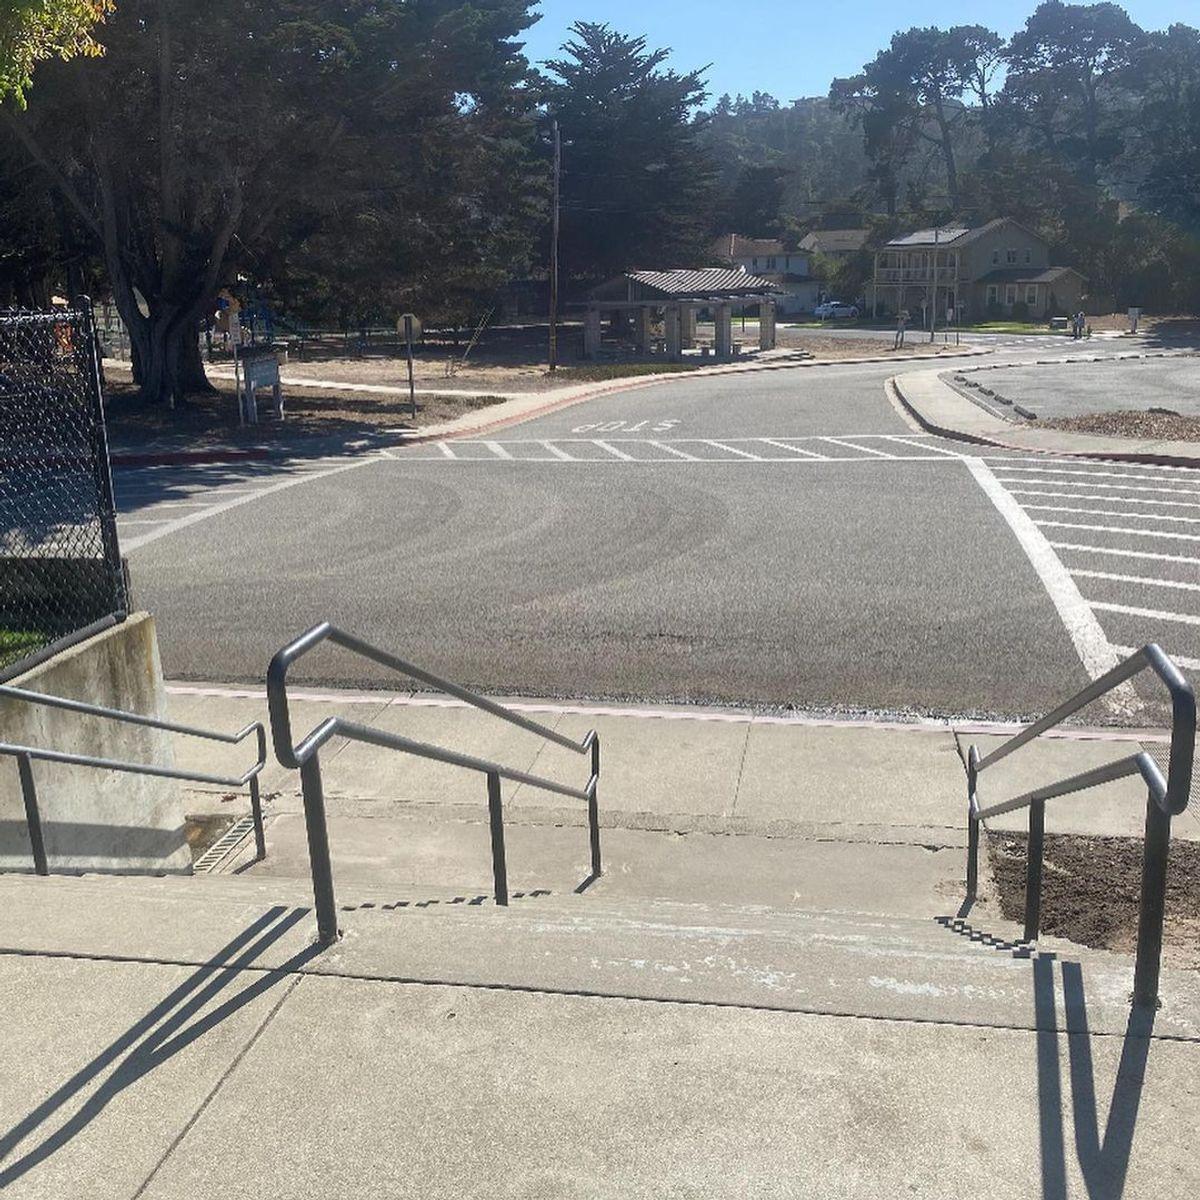 Image for skate spot NSA 10 Stair